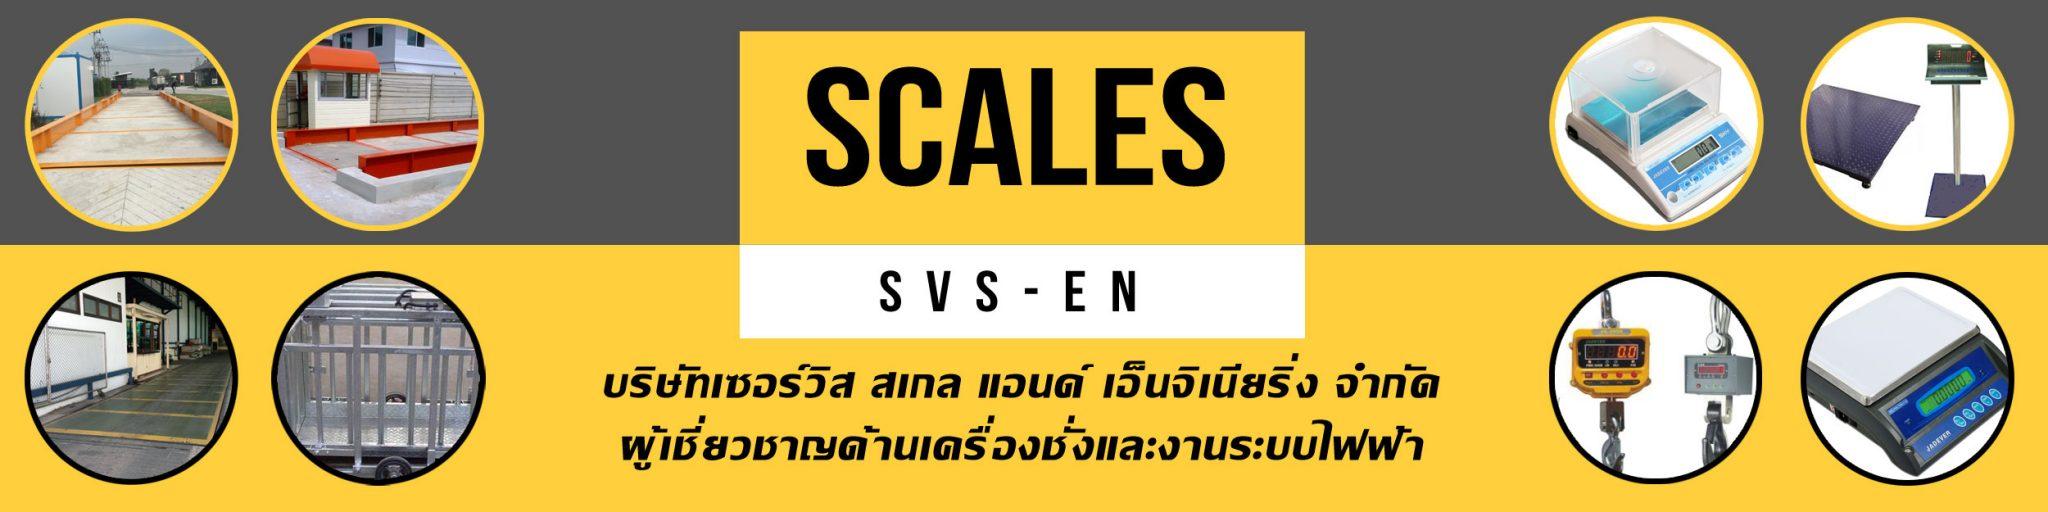 ��รื�อ��ั���ละ�า�ระ������า SERVICE SCALES & ENGINEERING CO.,LTD